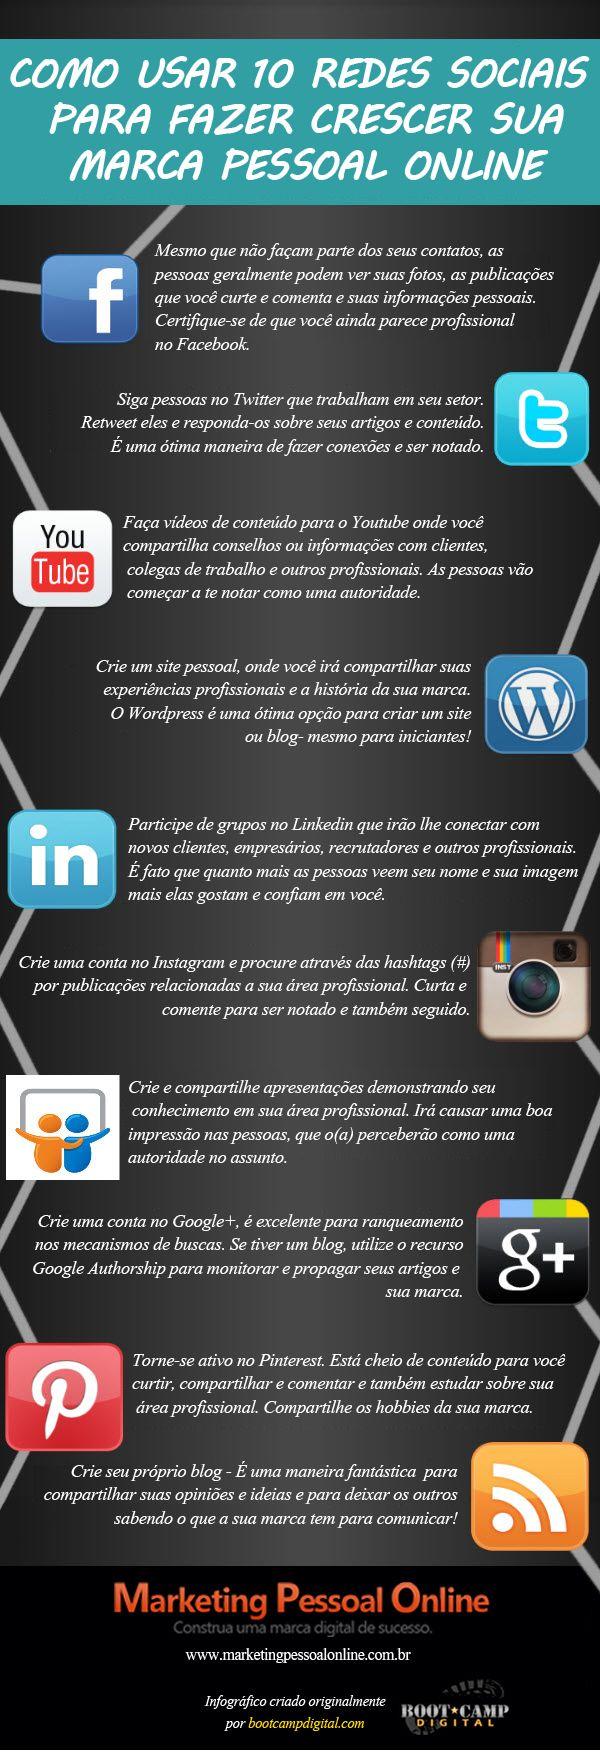 Infográfico - 10 redes sociais para usar em seu Marketing Pessoal online. Ações simples em cada uma delas para obter sucesso em seu marketing pessoal.